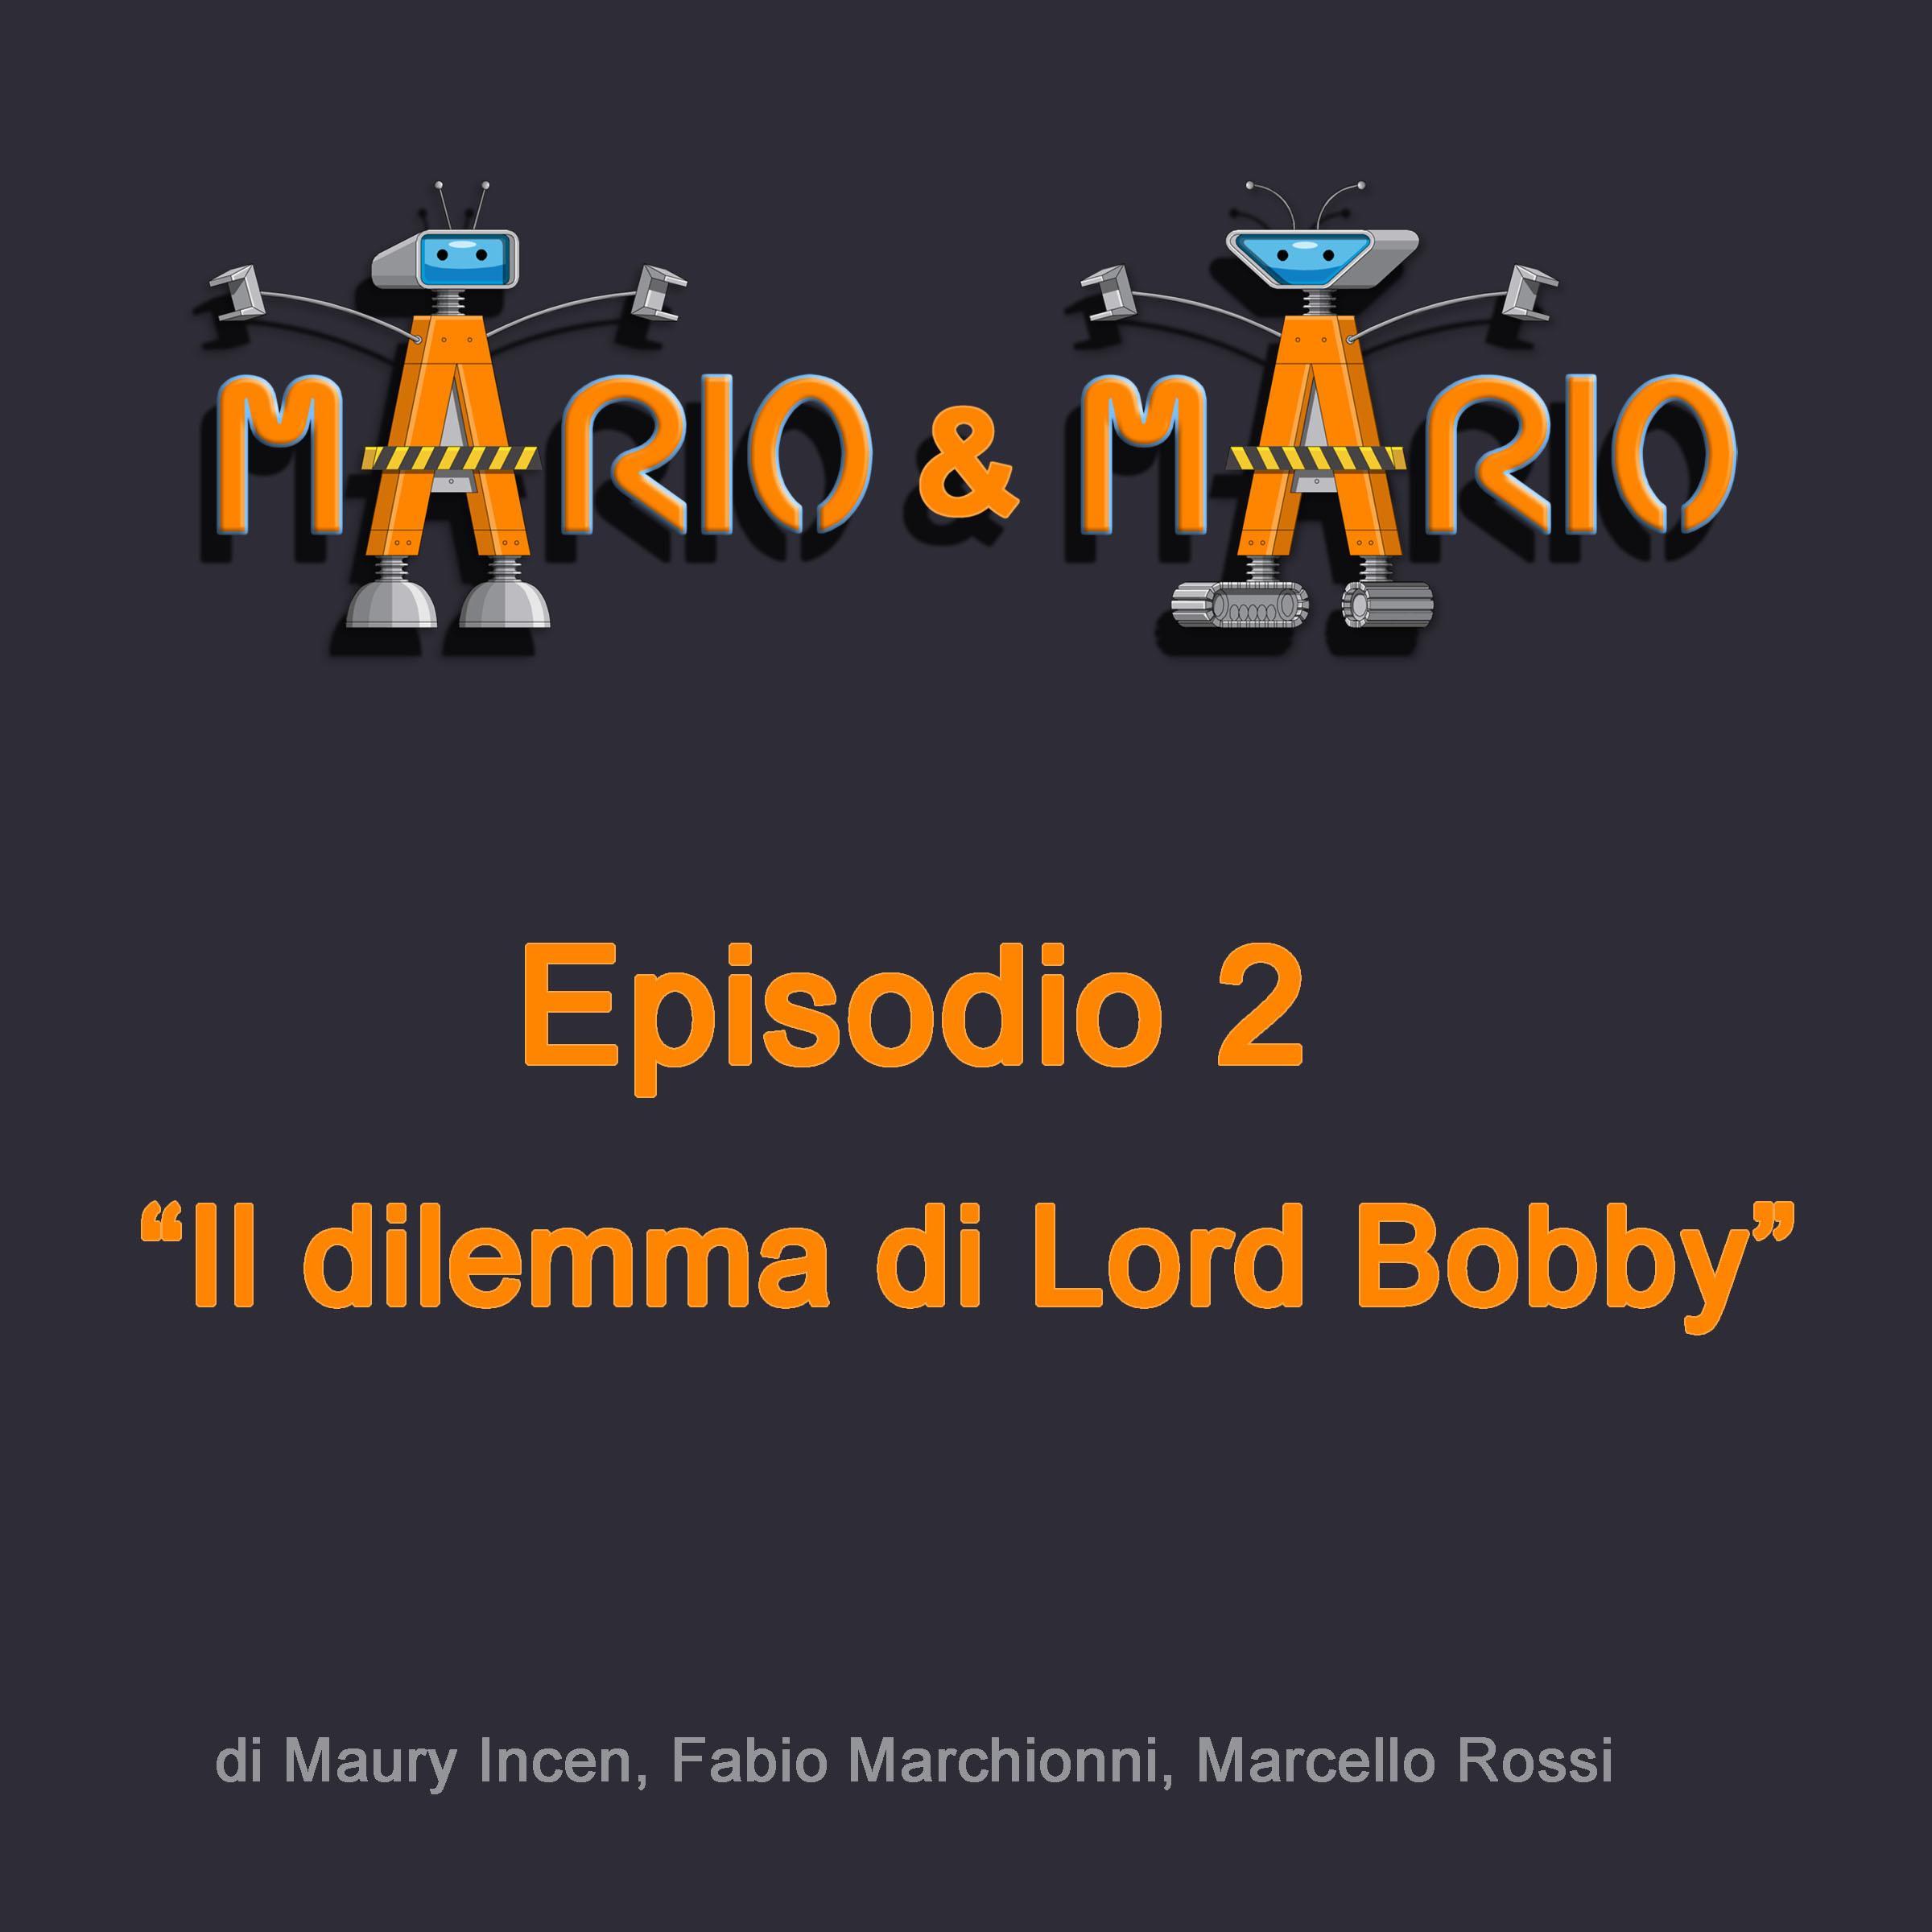 Il dilemma di Lord Bobby